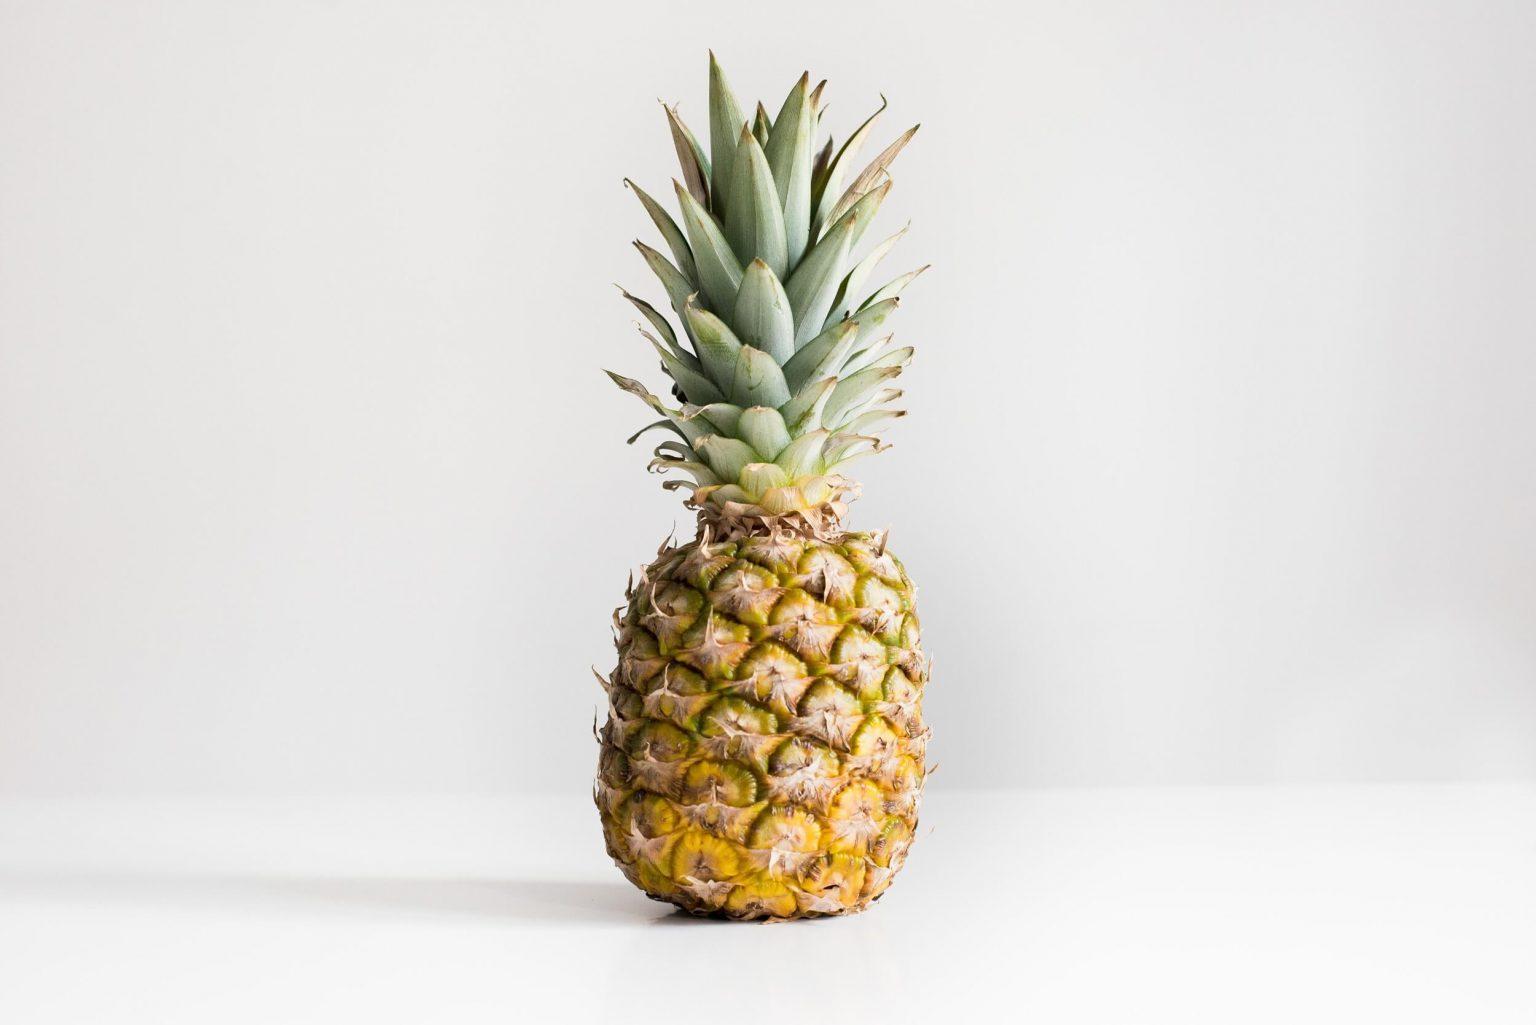 L'ananas, c'est un super fruit non